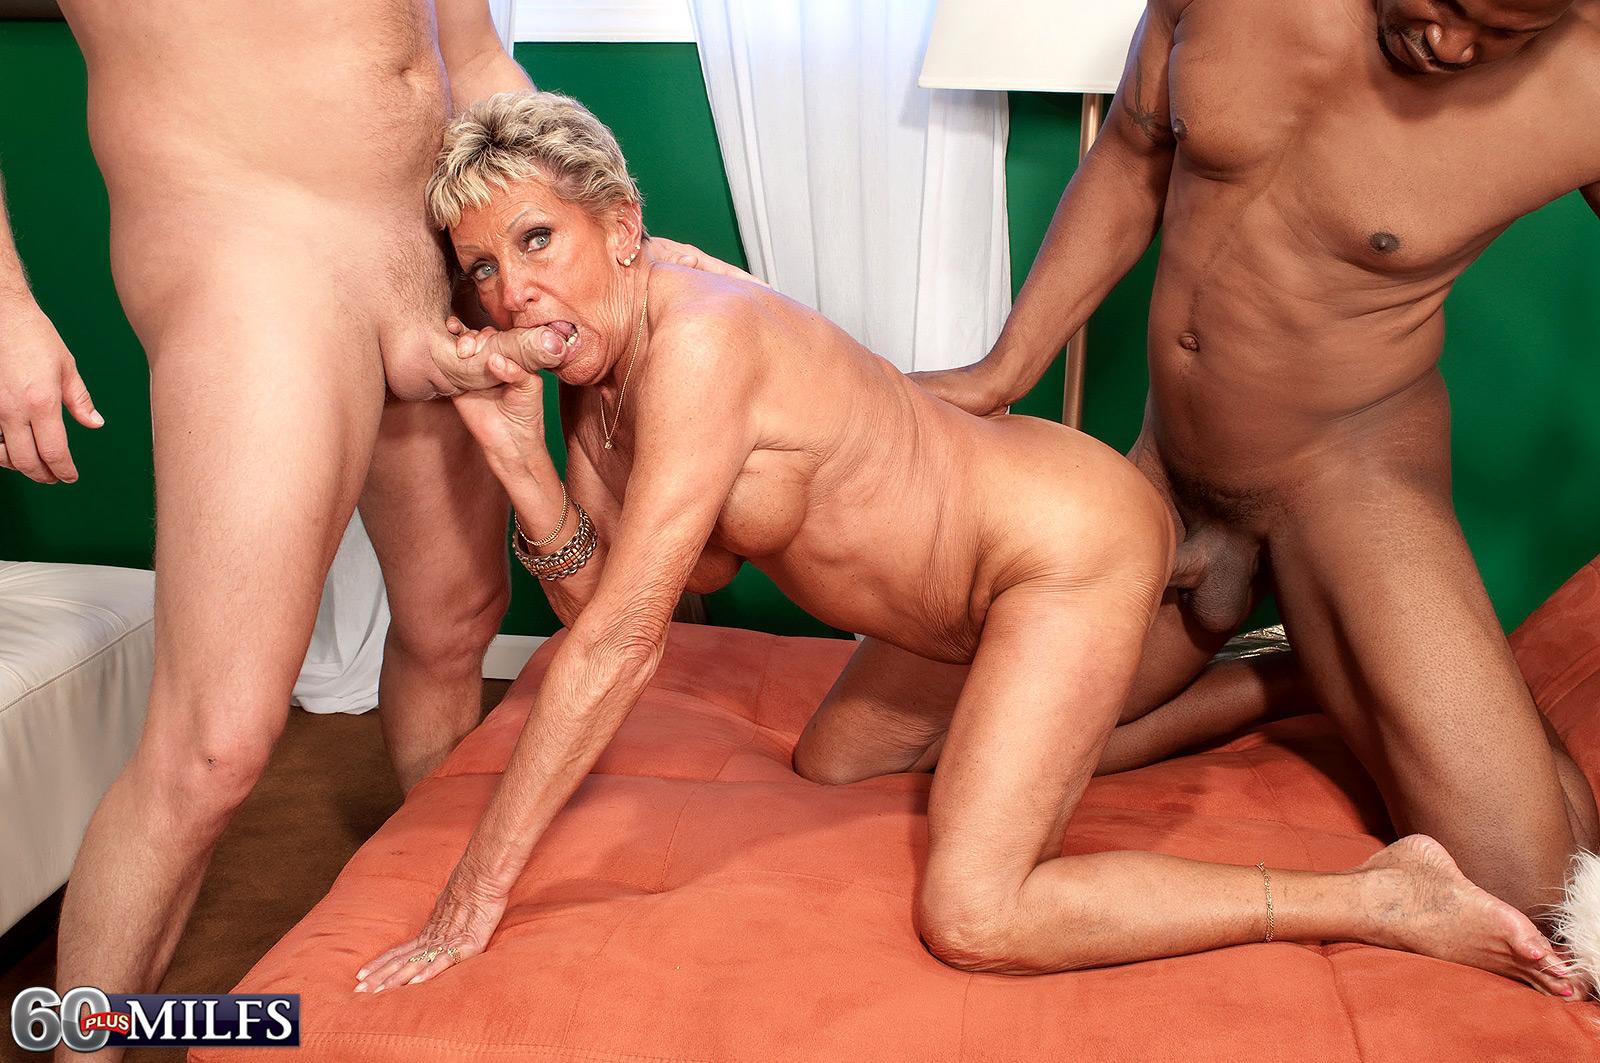 Mature uk women ejaculating